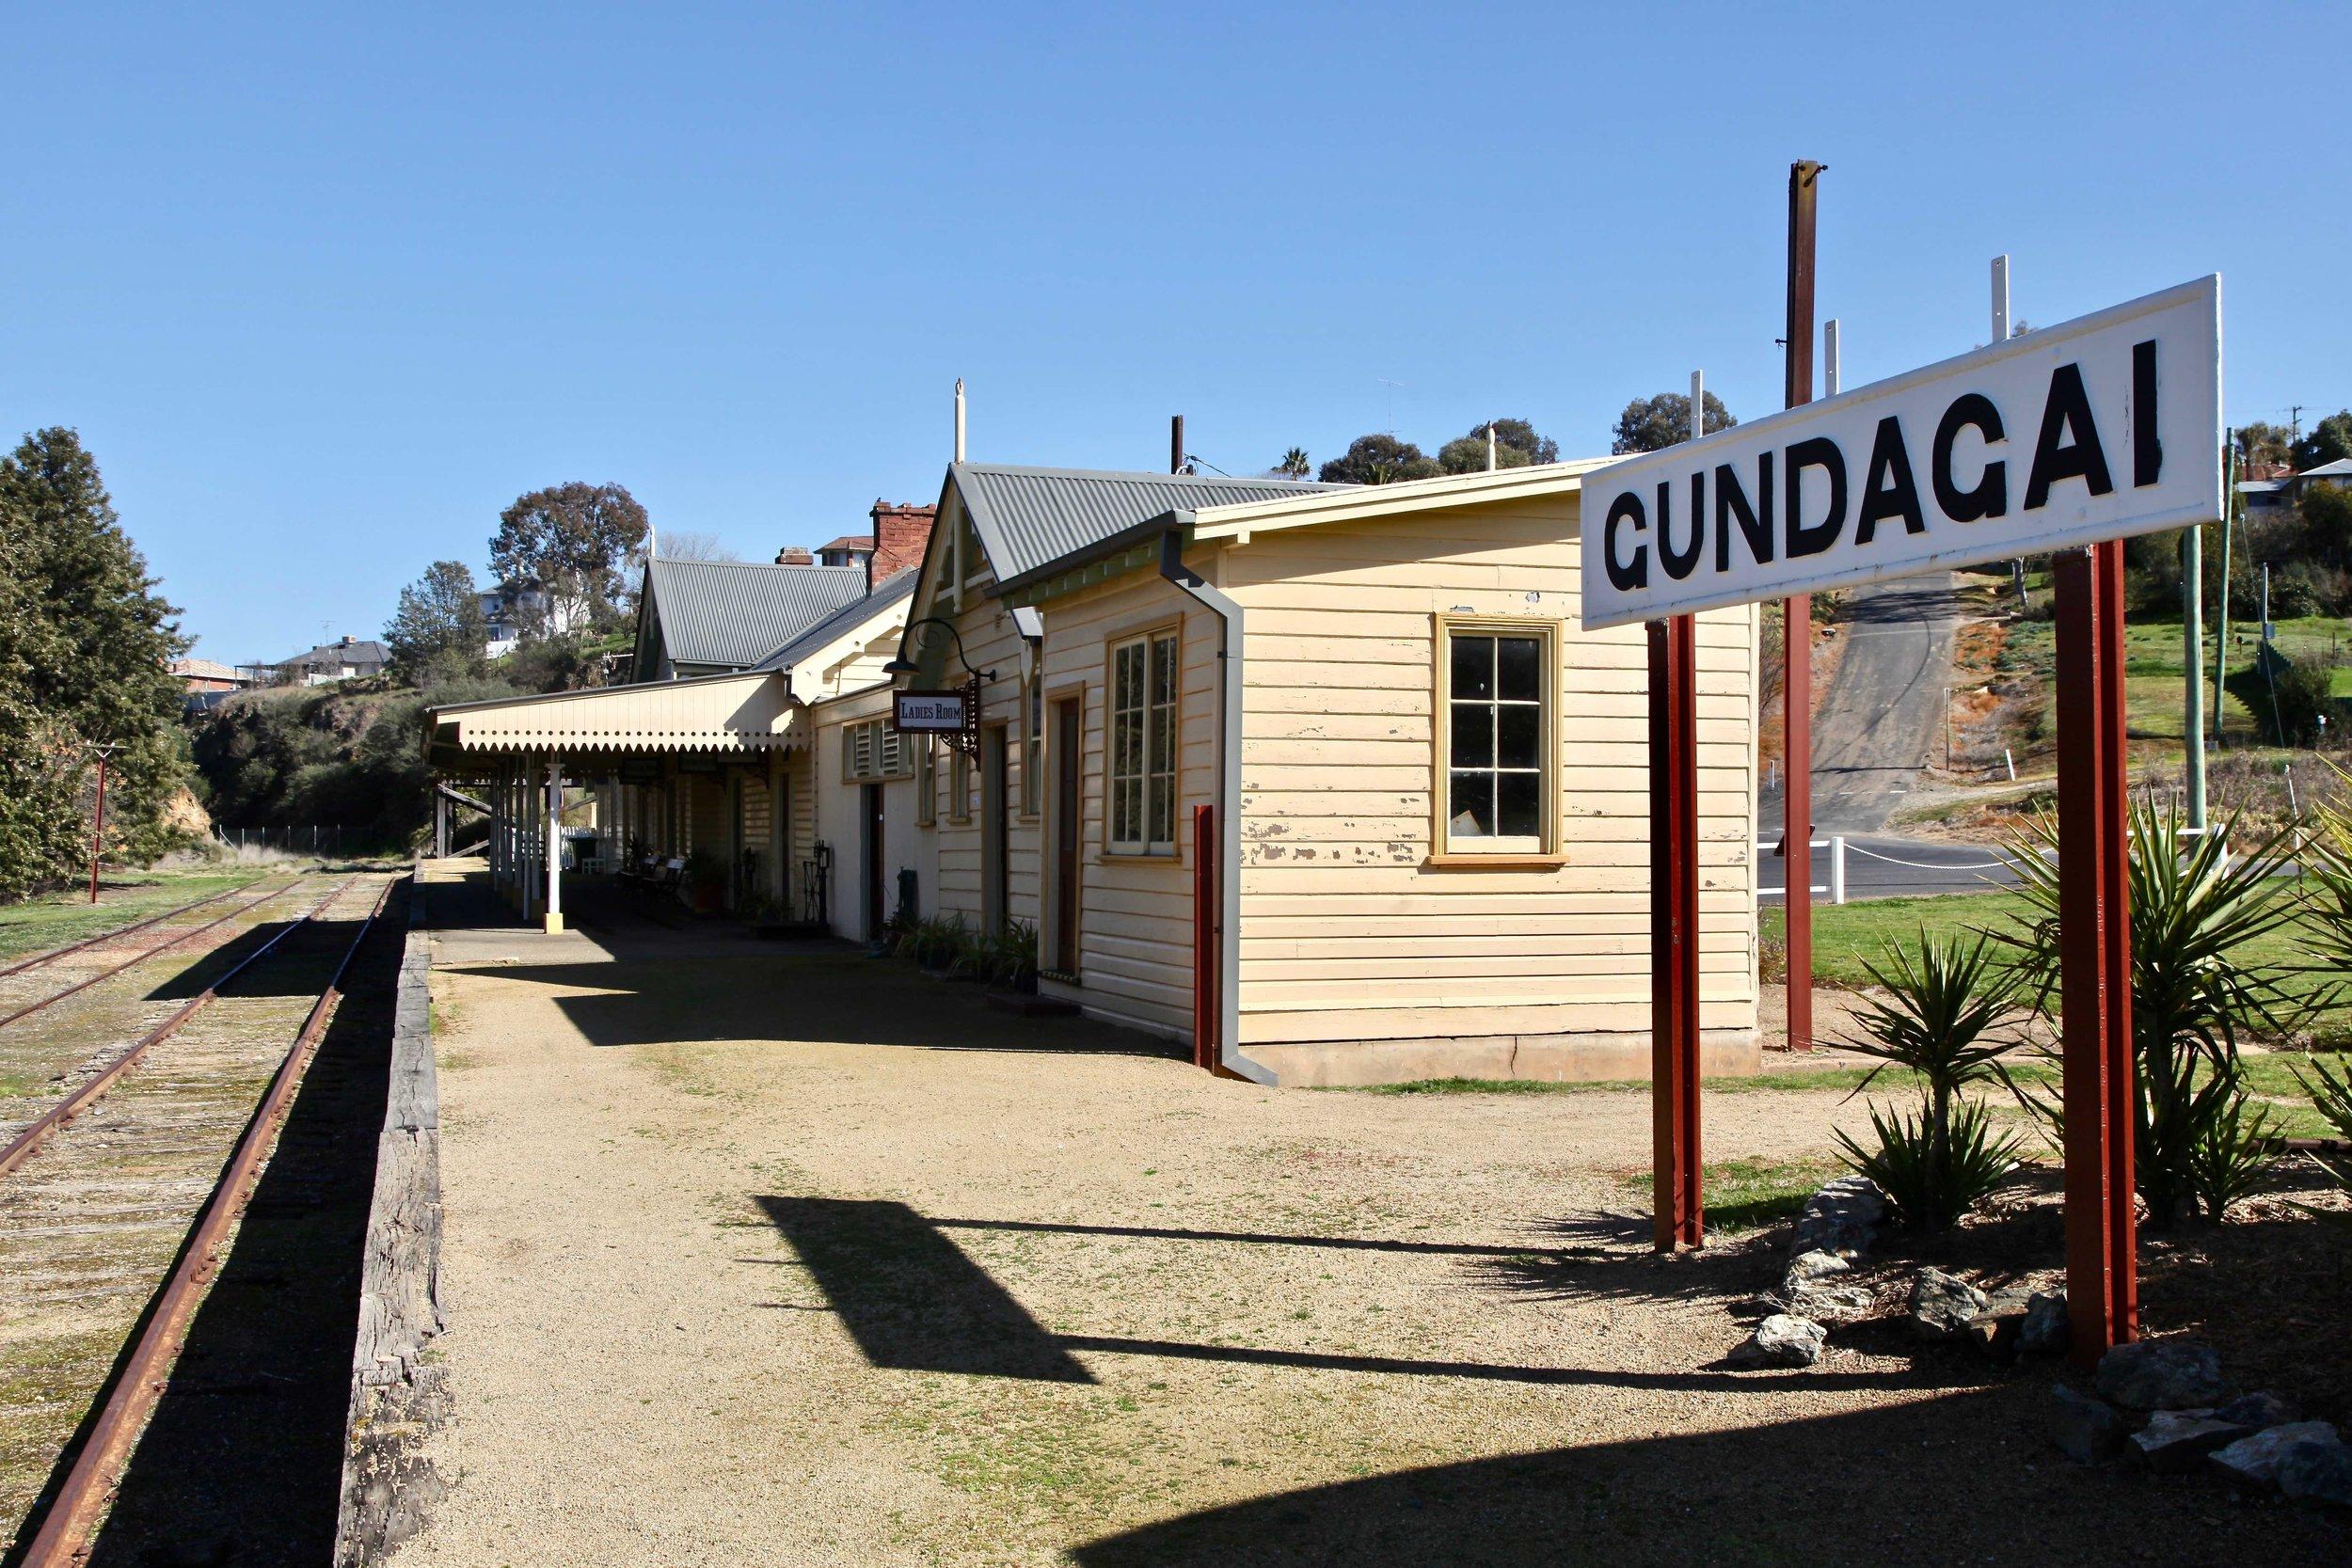 gundagai-railway-station.jpg